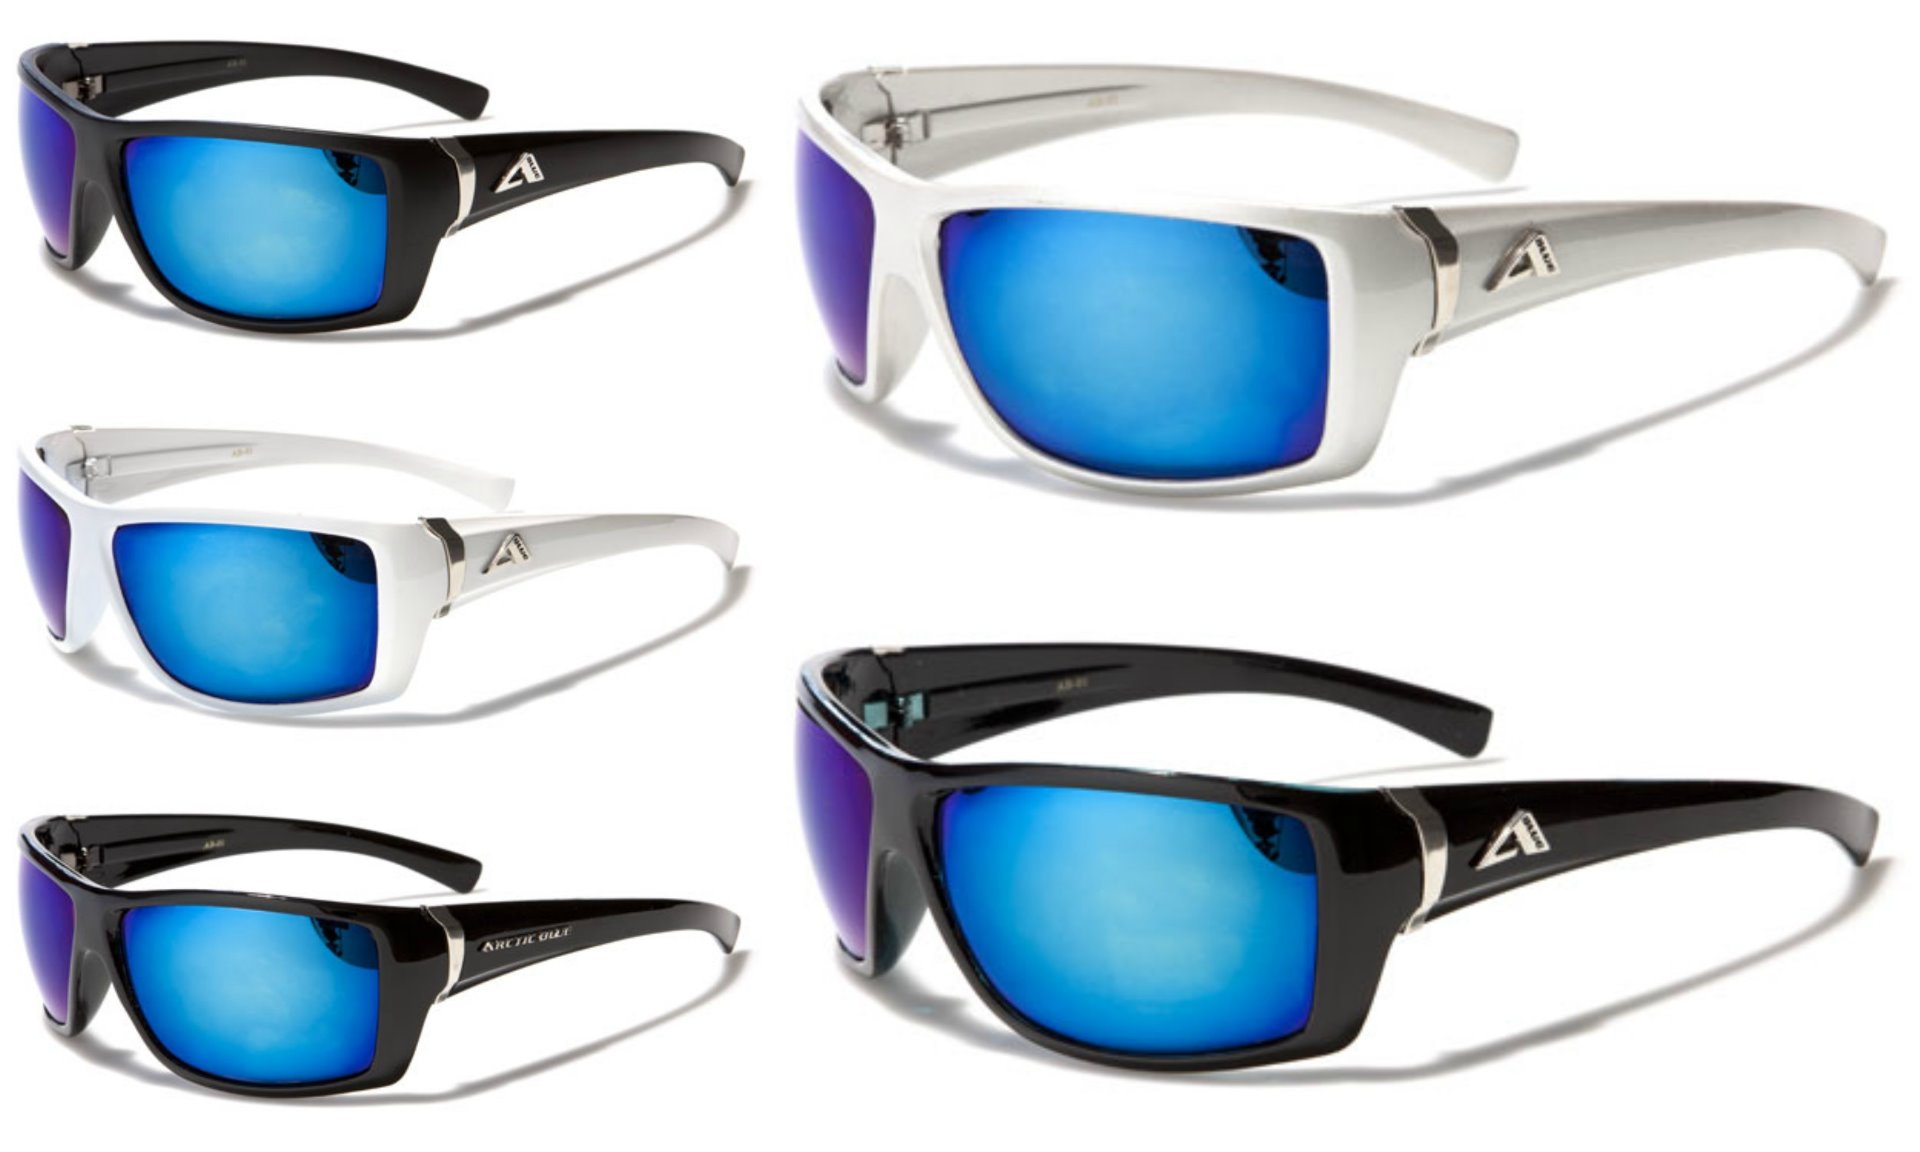 6e1d80813e9 Men s Artic Blue Anti-Glare BlueTech Mirrored Lens Sunglasses